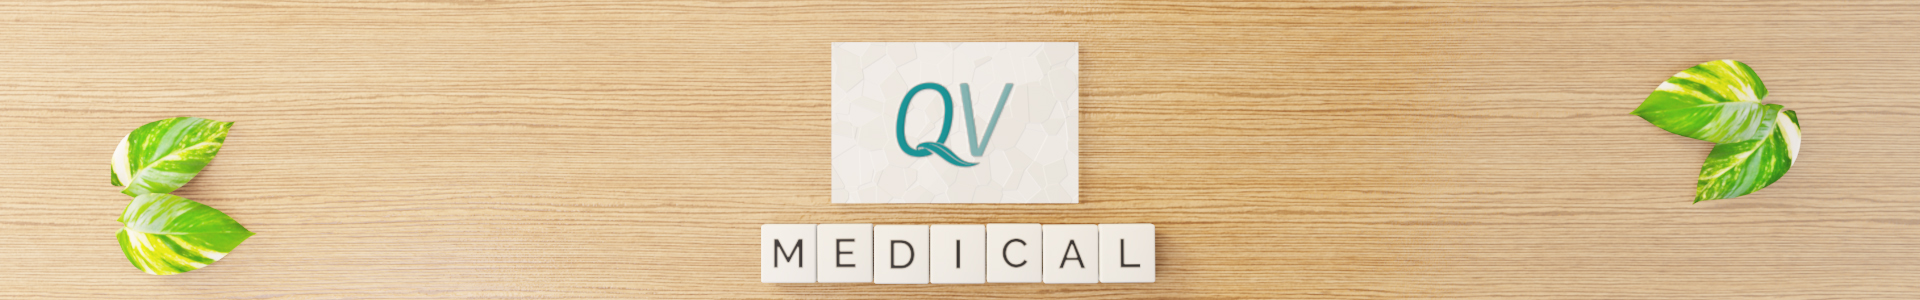 QV Medical Centre Banner